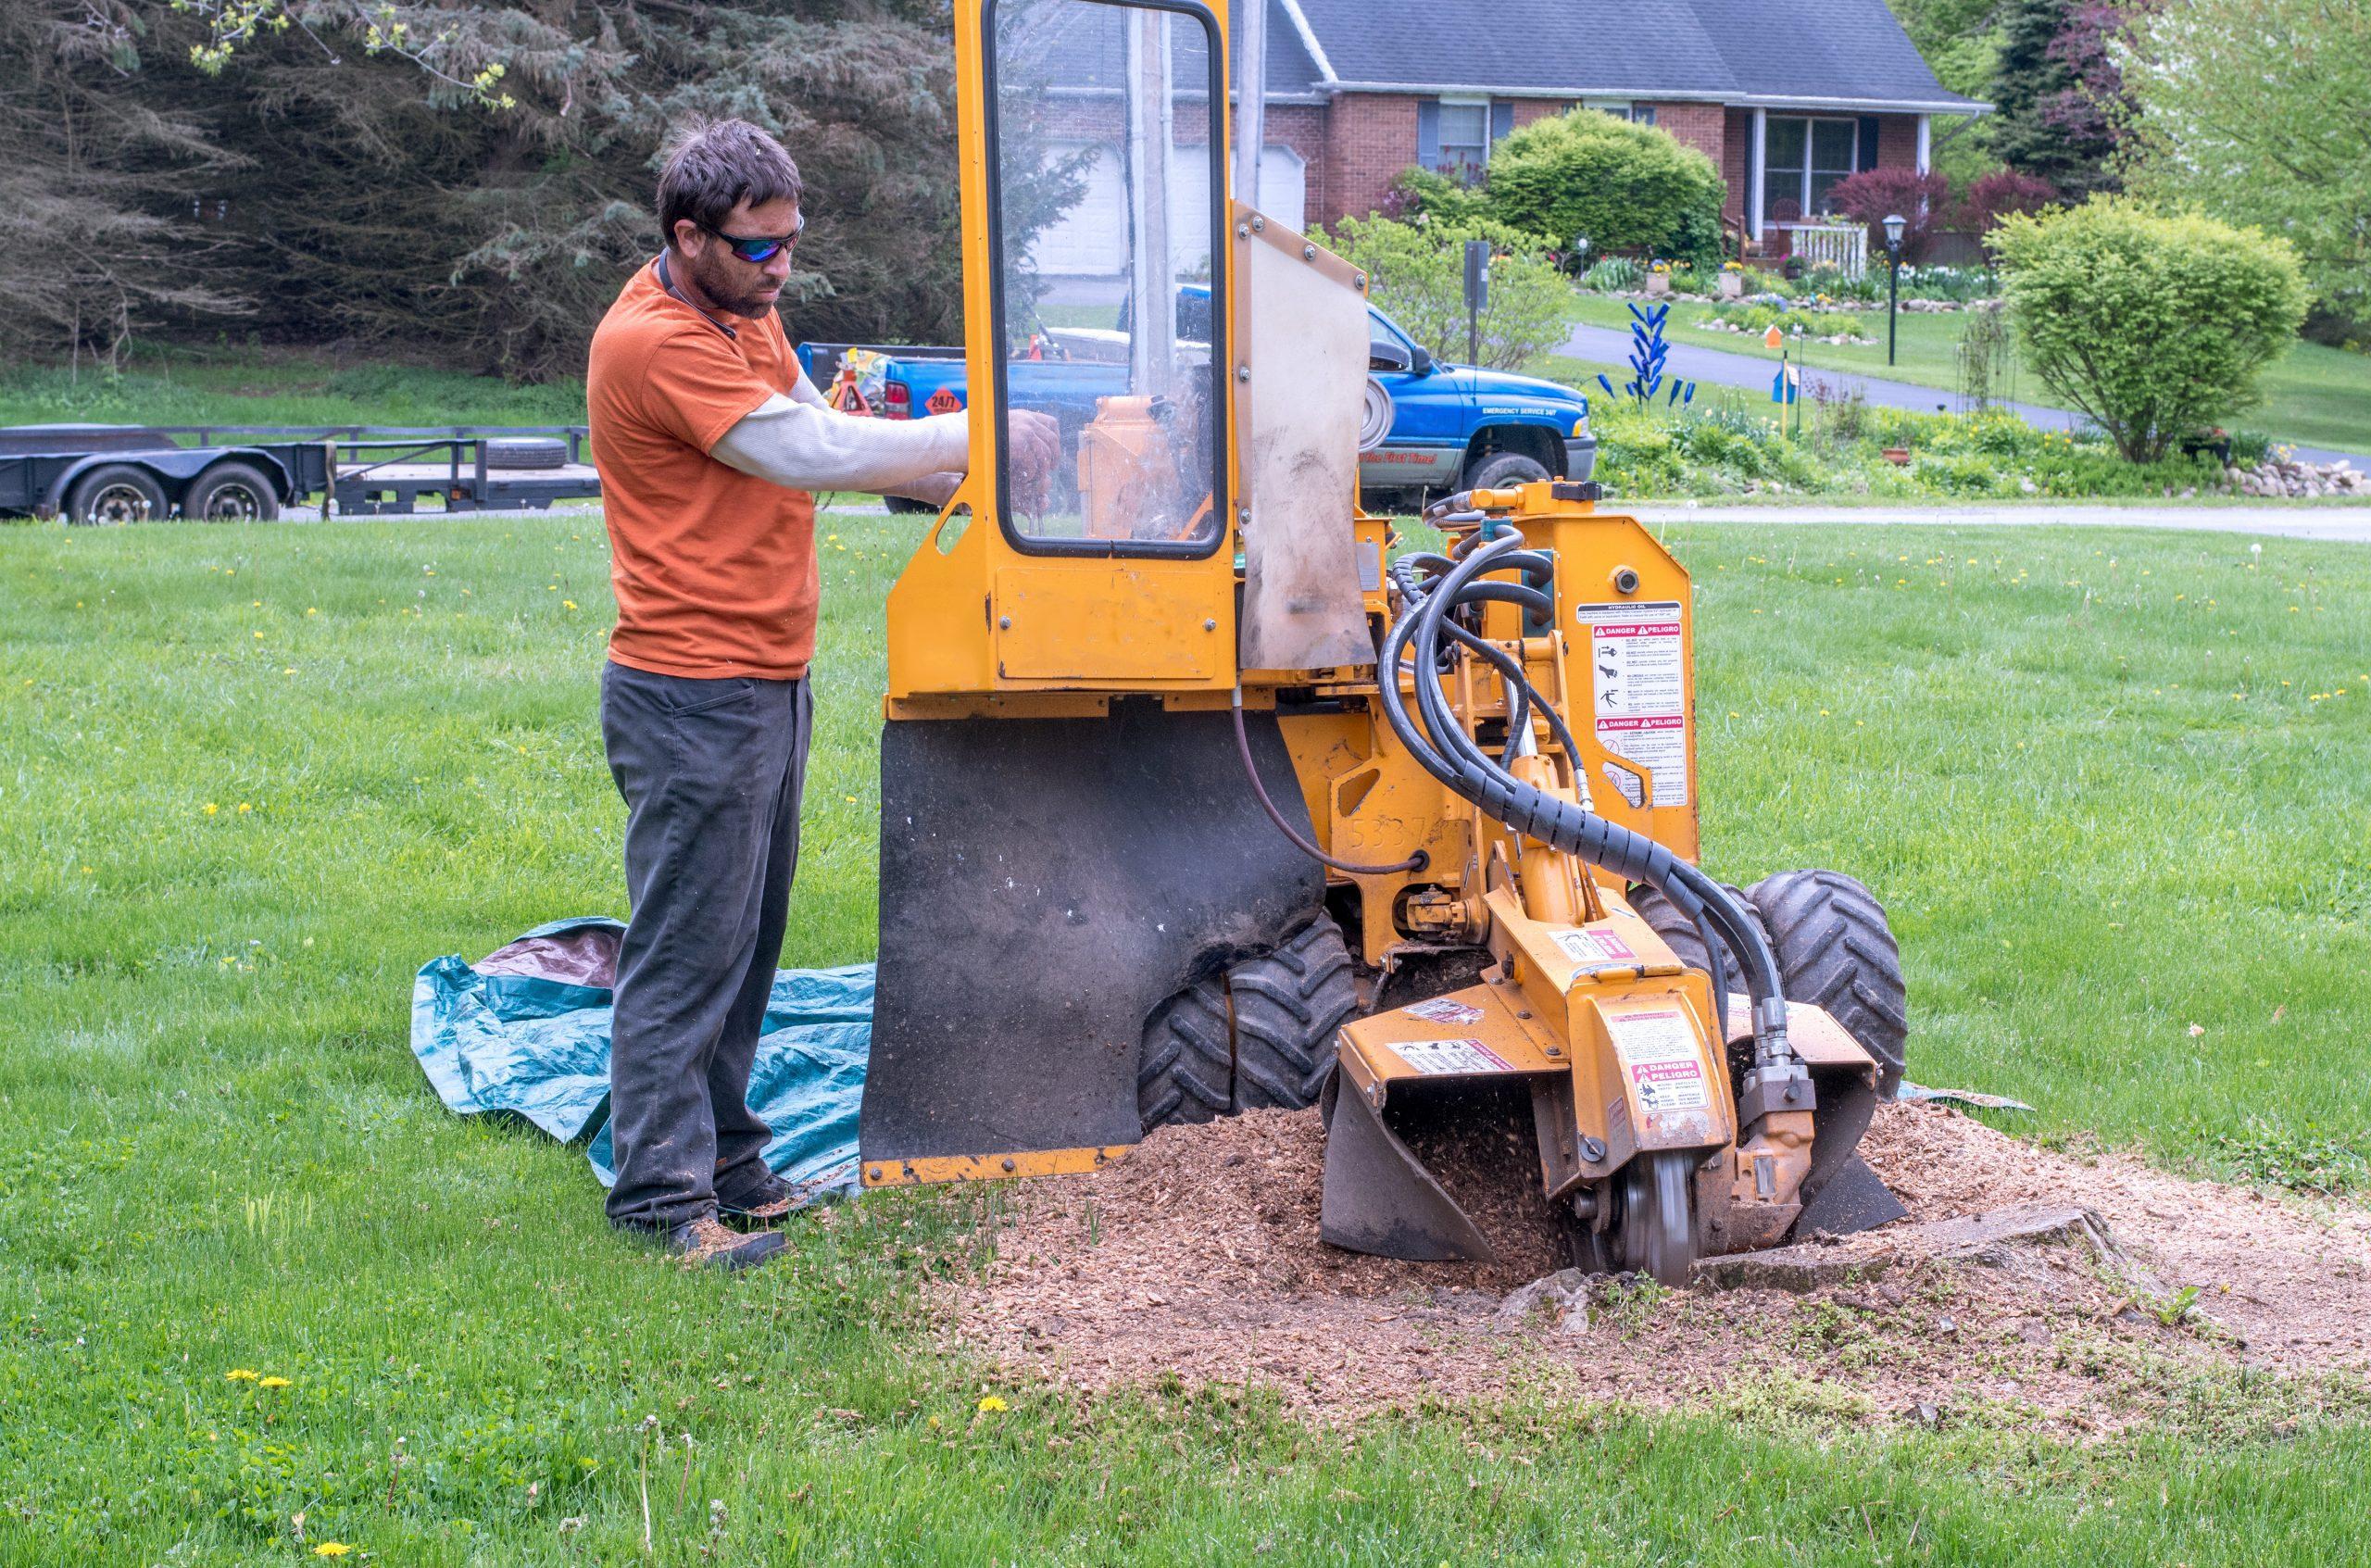 North Little Rock Cabot Sherwood Stump Grinding grinder stumps removal